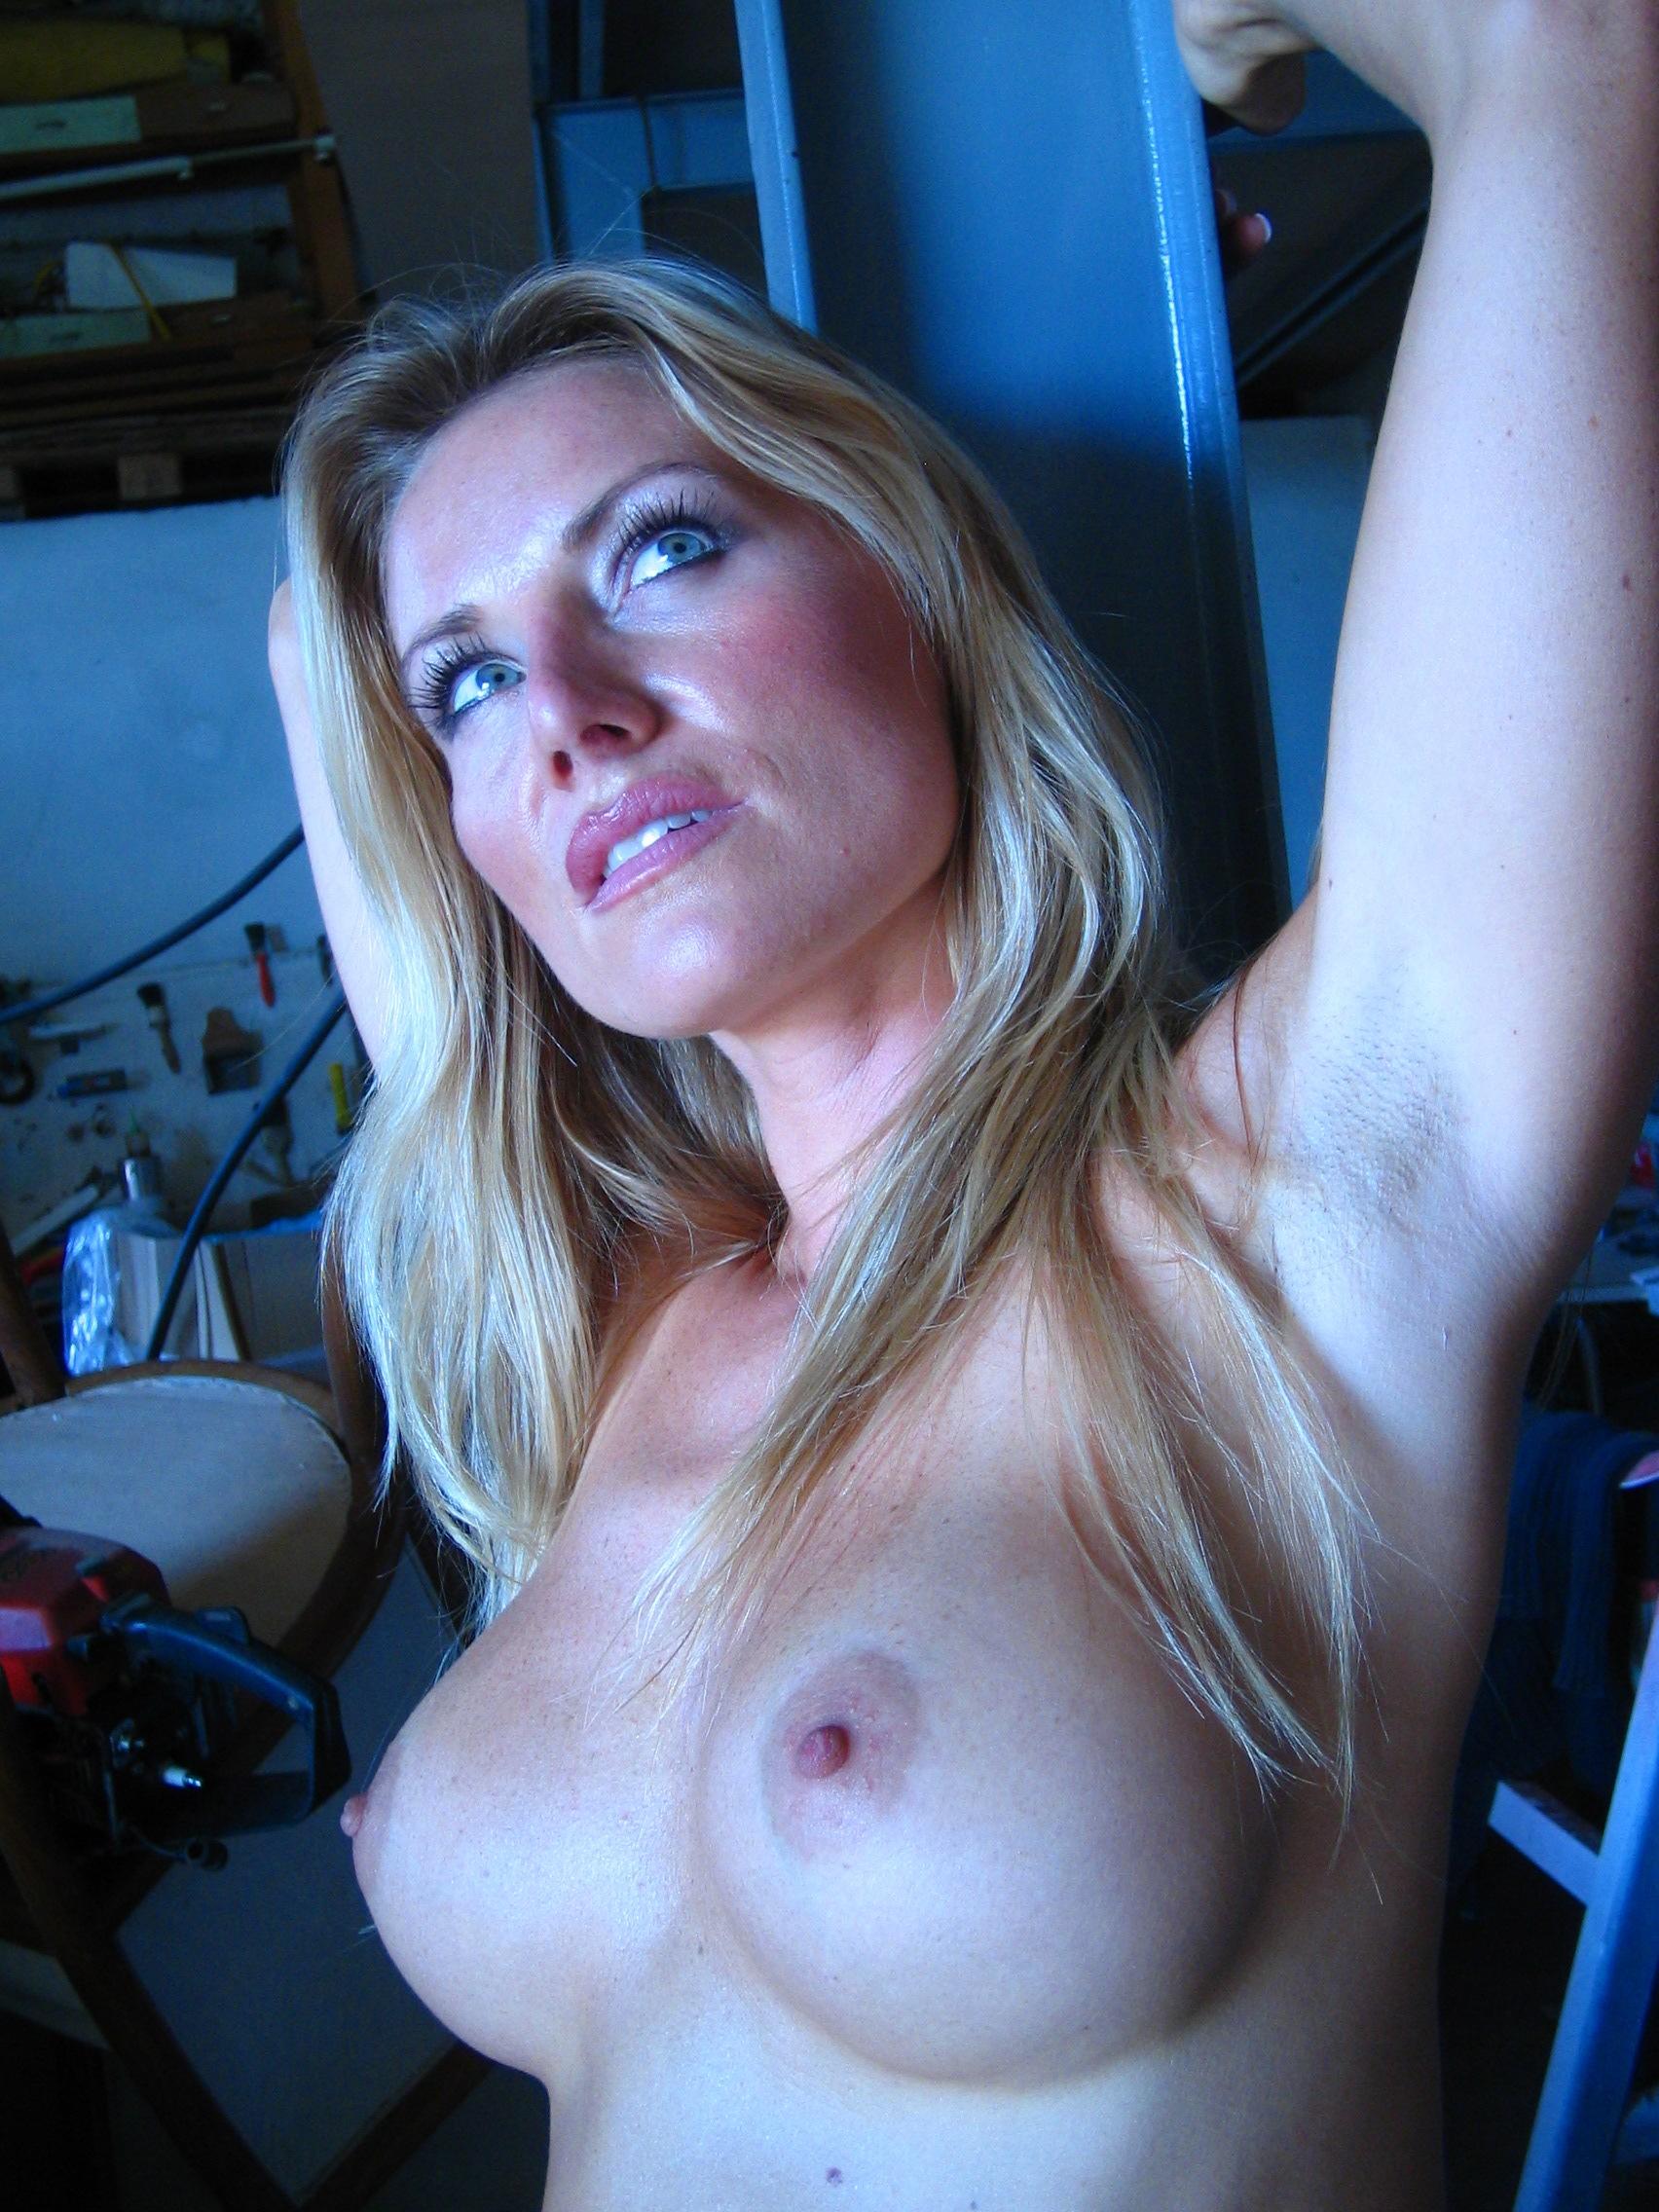 lenka naked